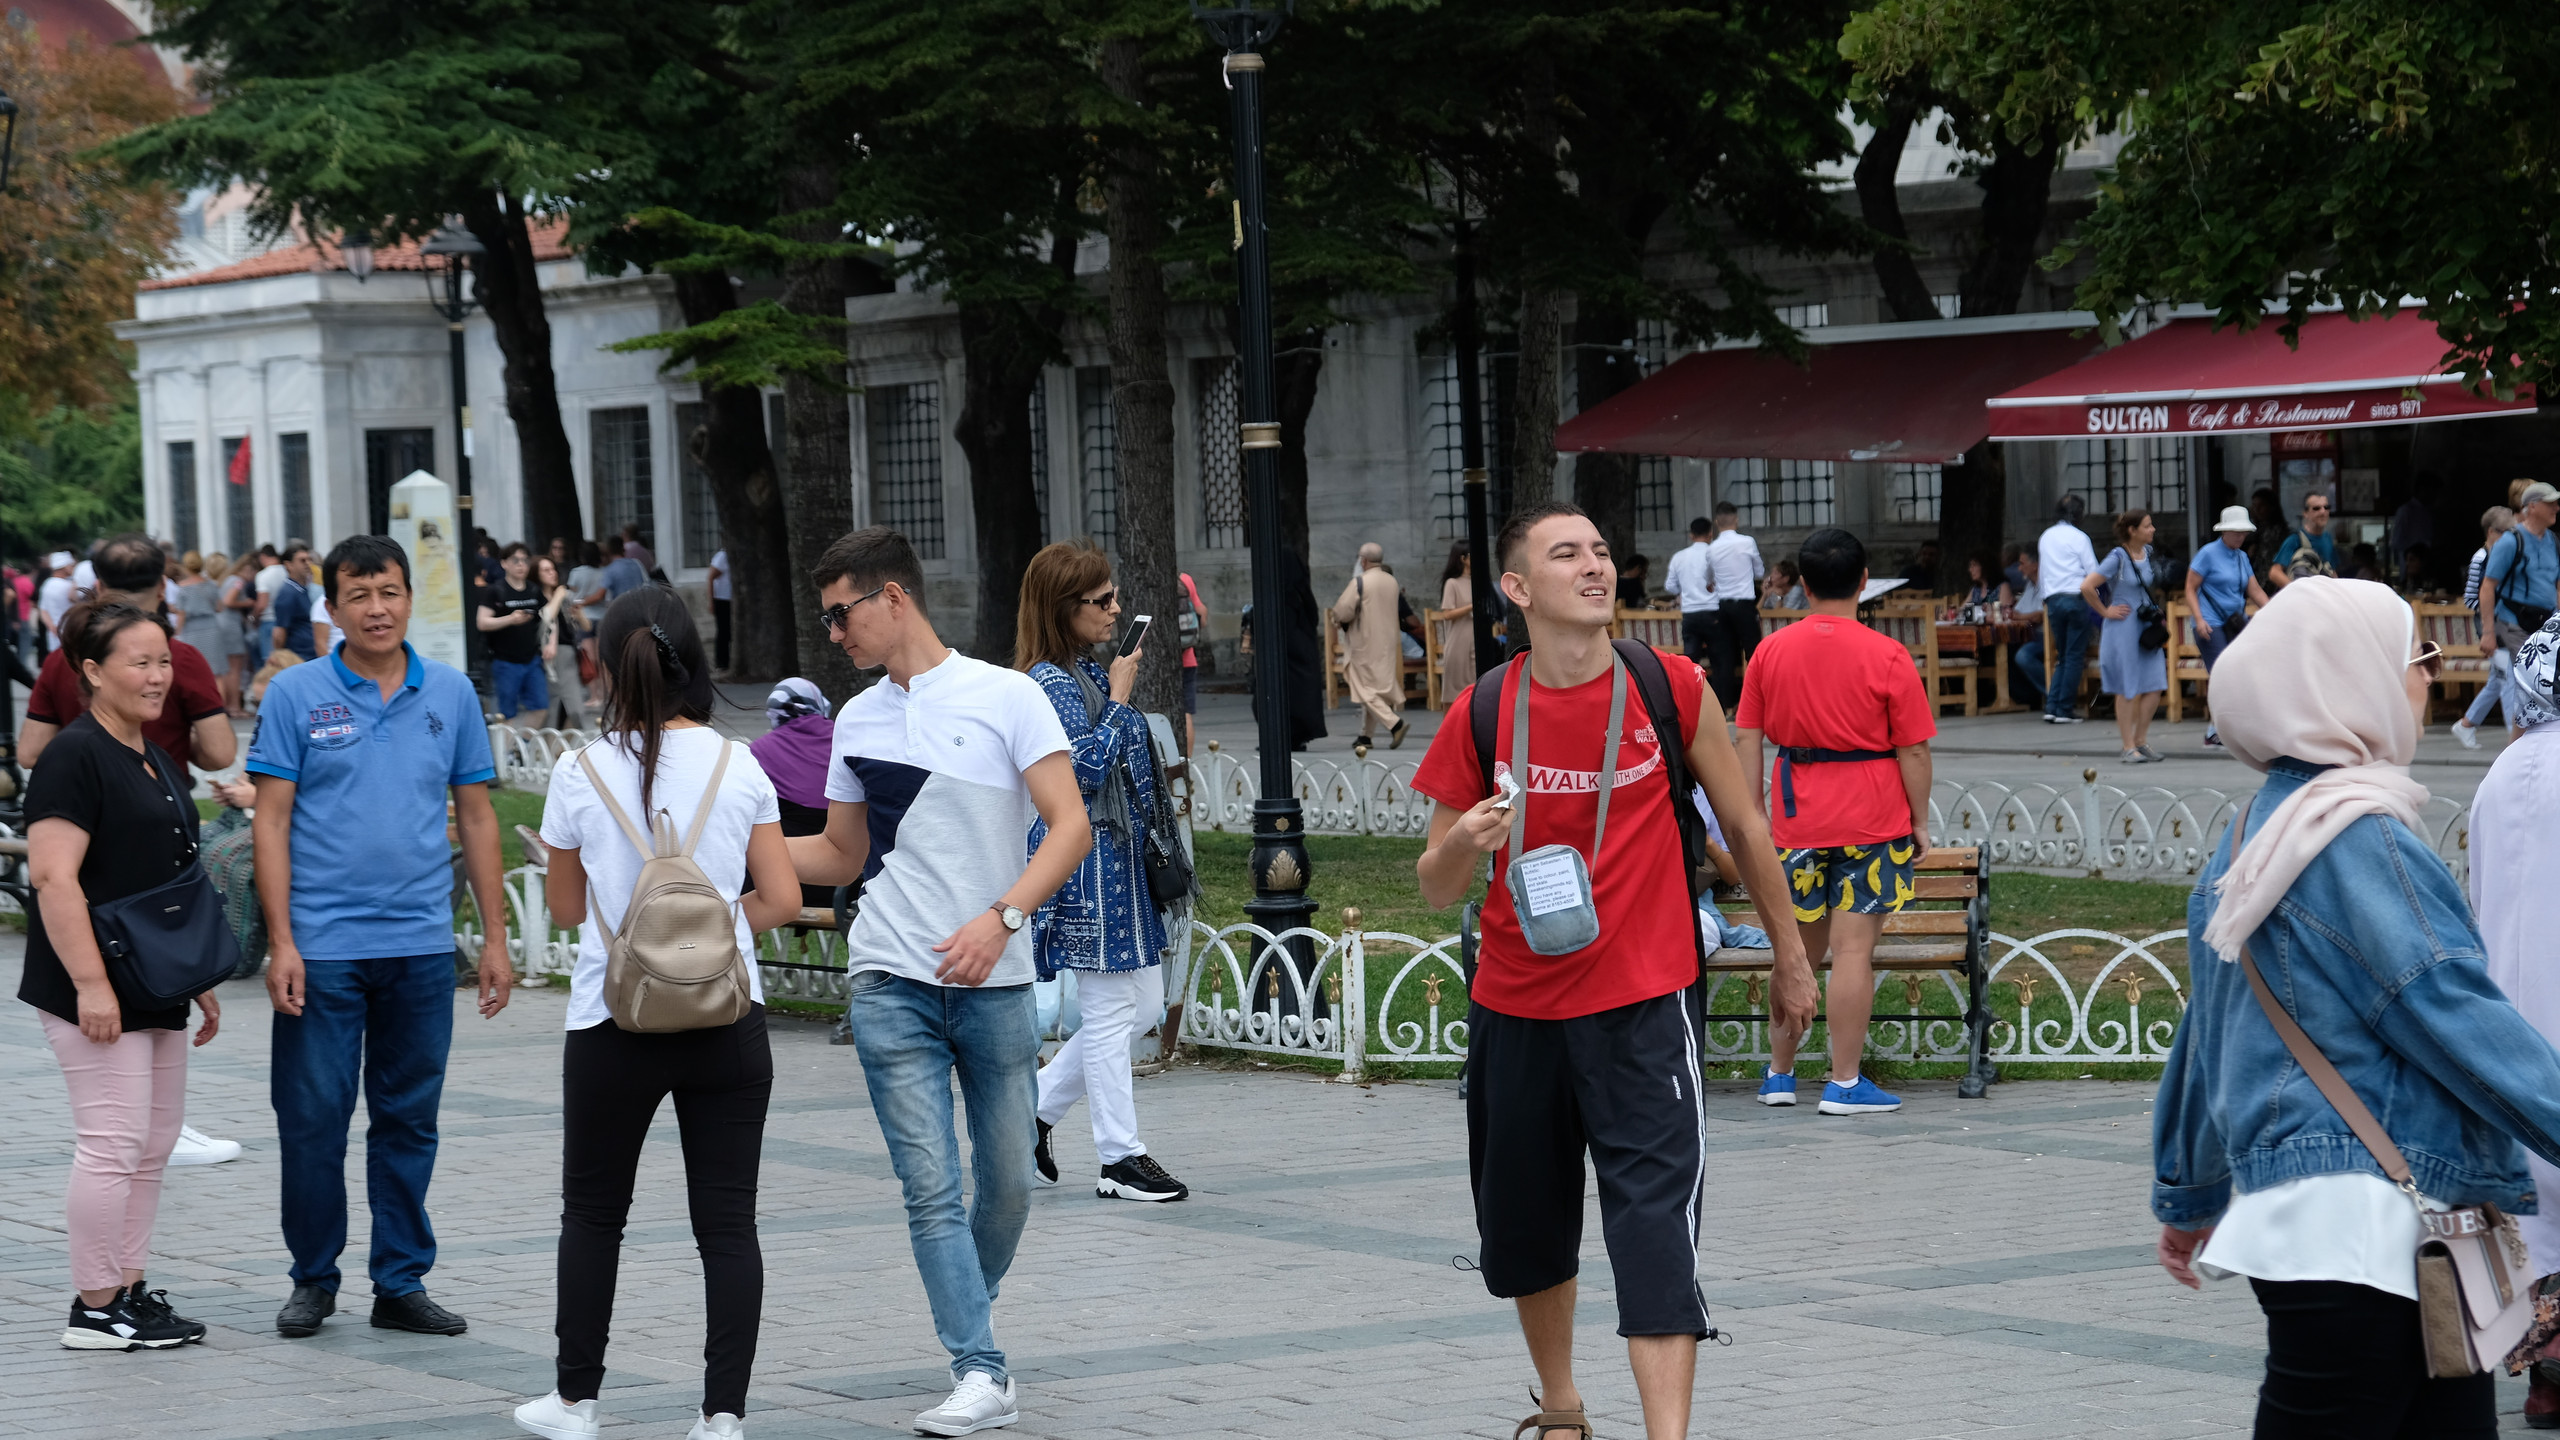 Sebastien amidst tourists